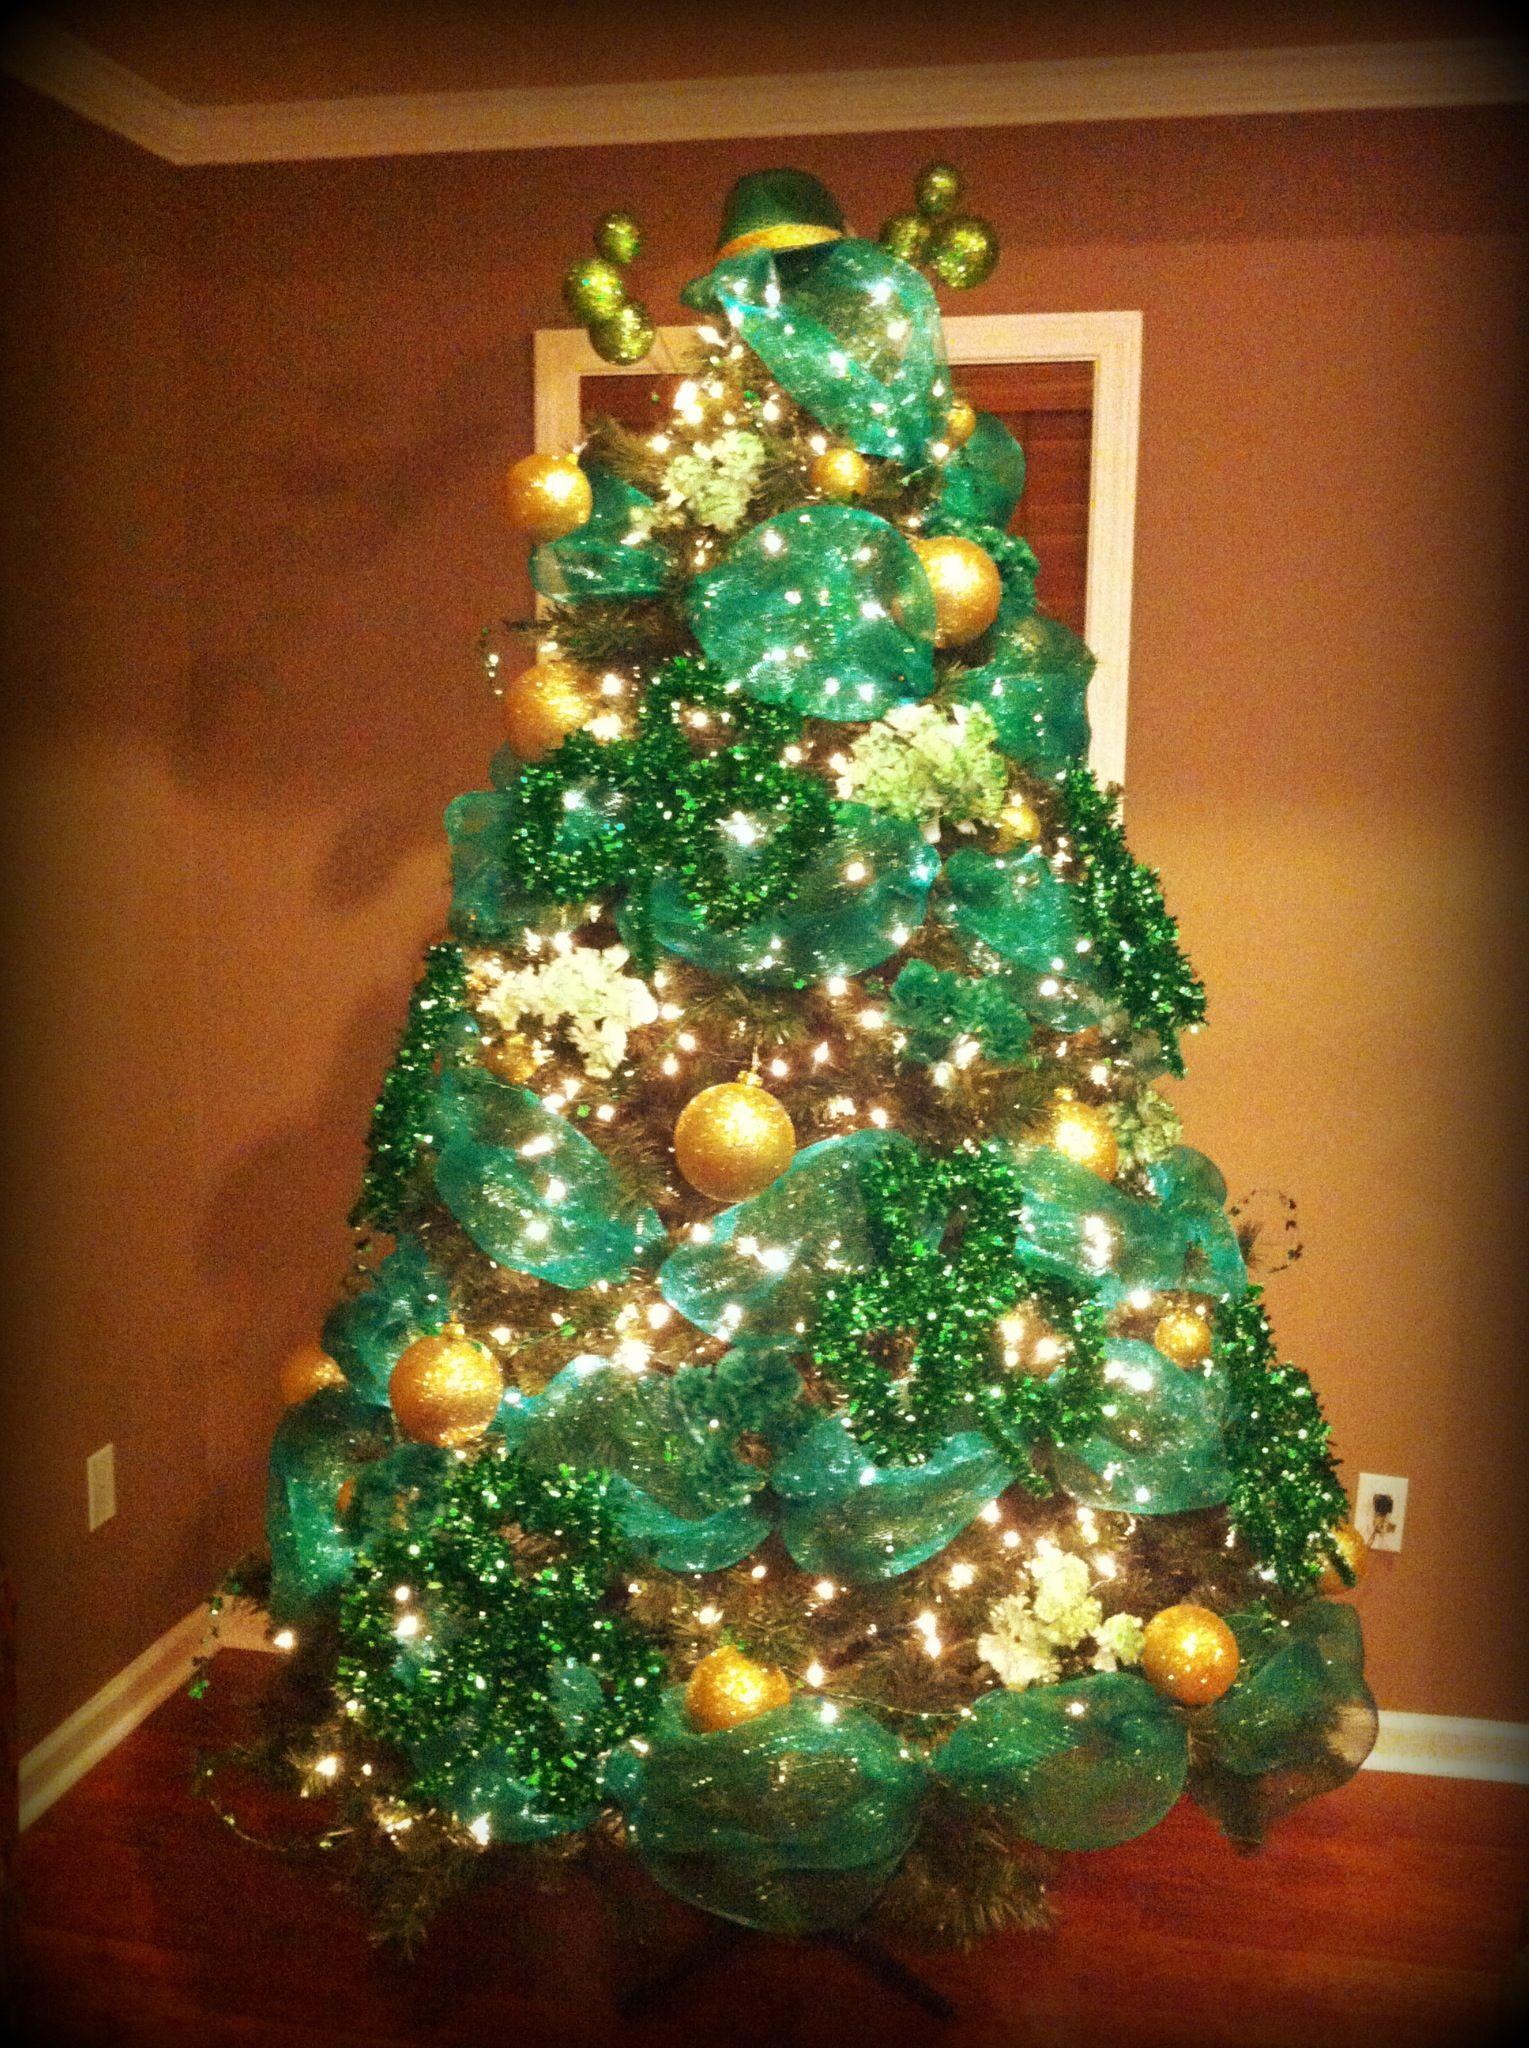 St. Patrick's Day tree!! Holiday tree decorations, Irish